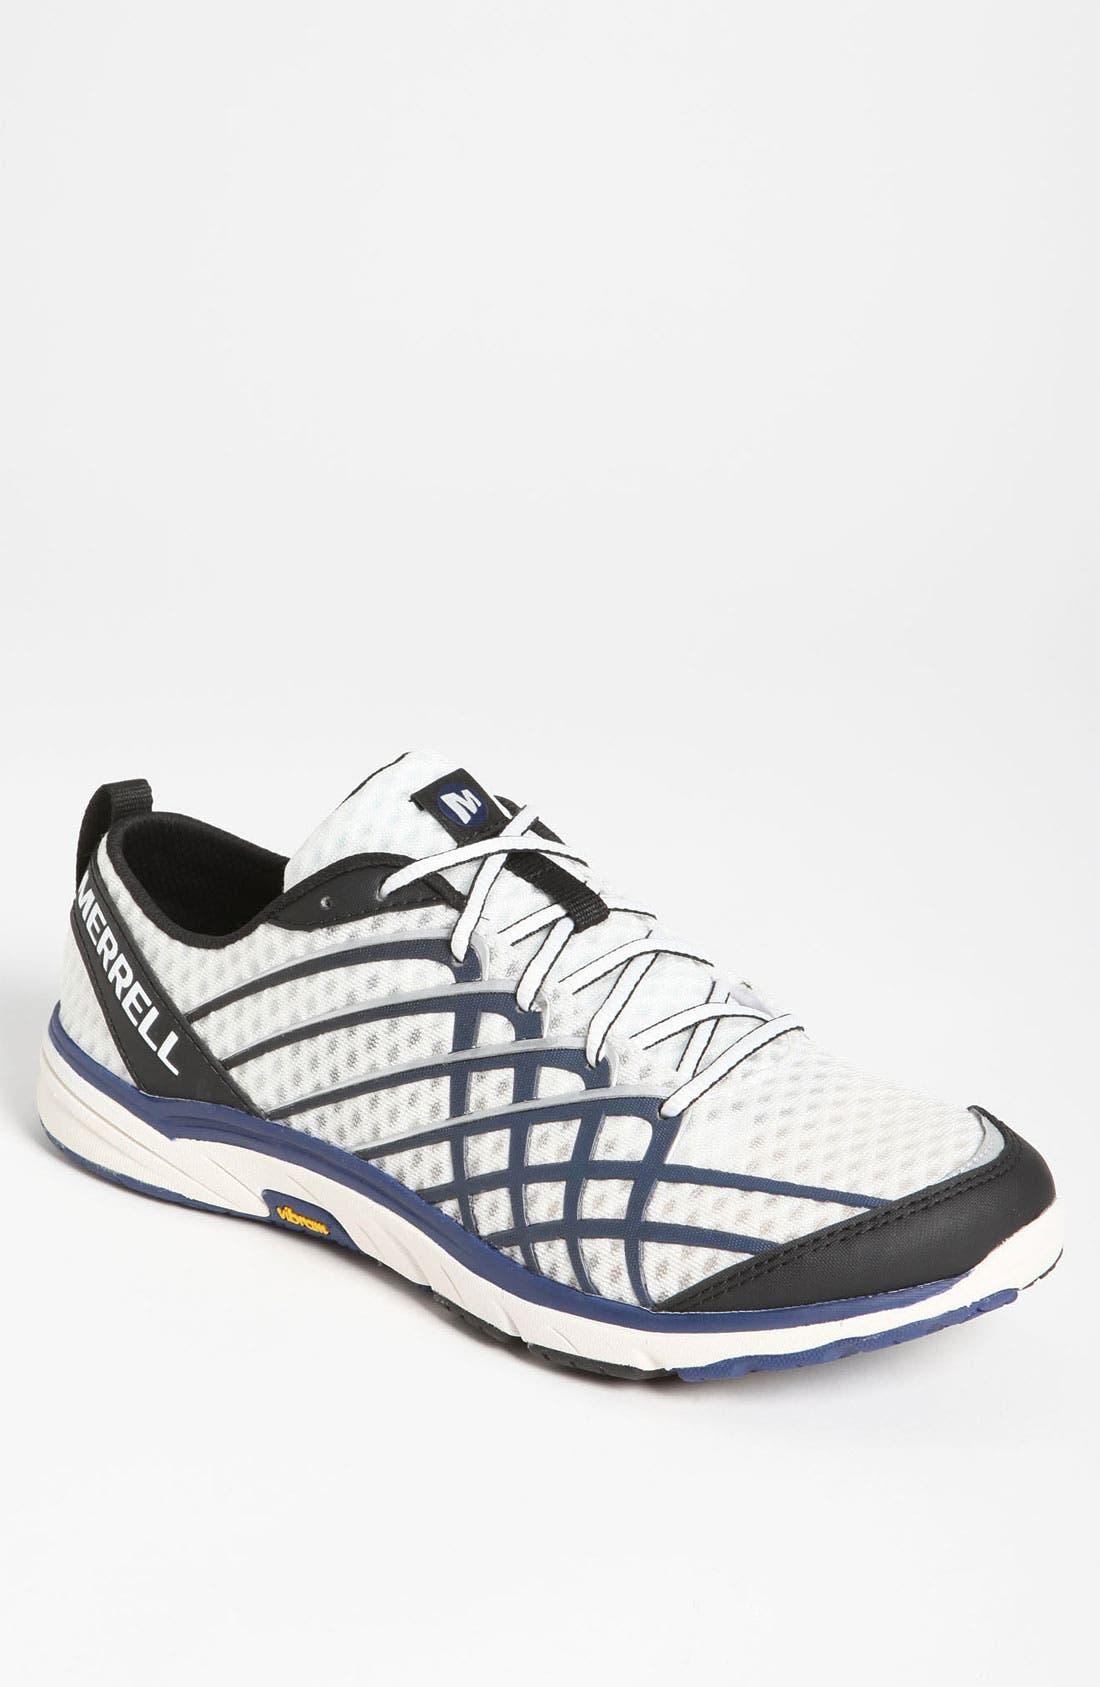 Alternate Image 1 Selected - Merrell 'Bare Access' Running Shoe (Men)